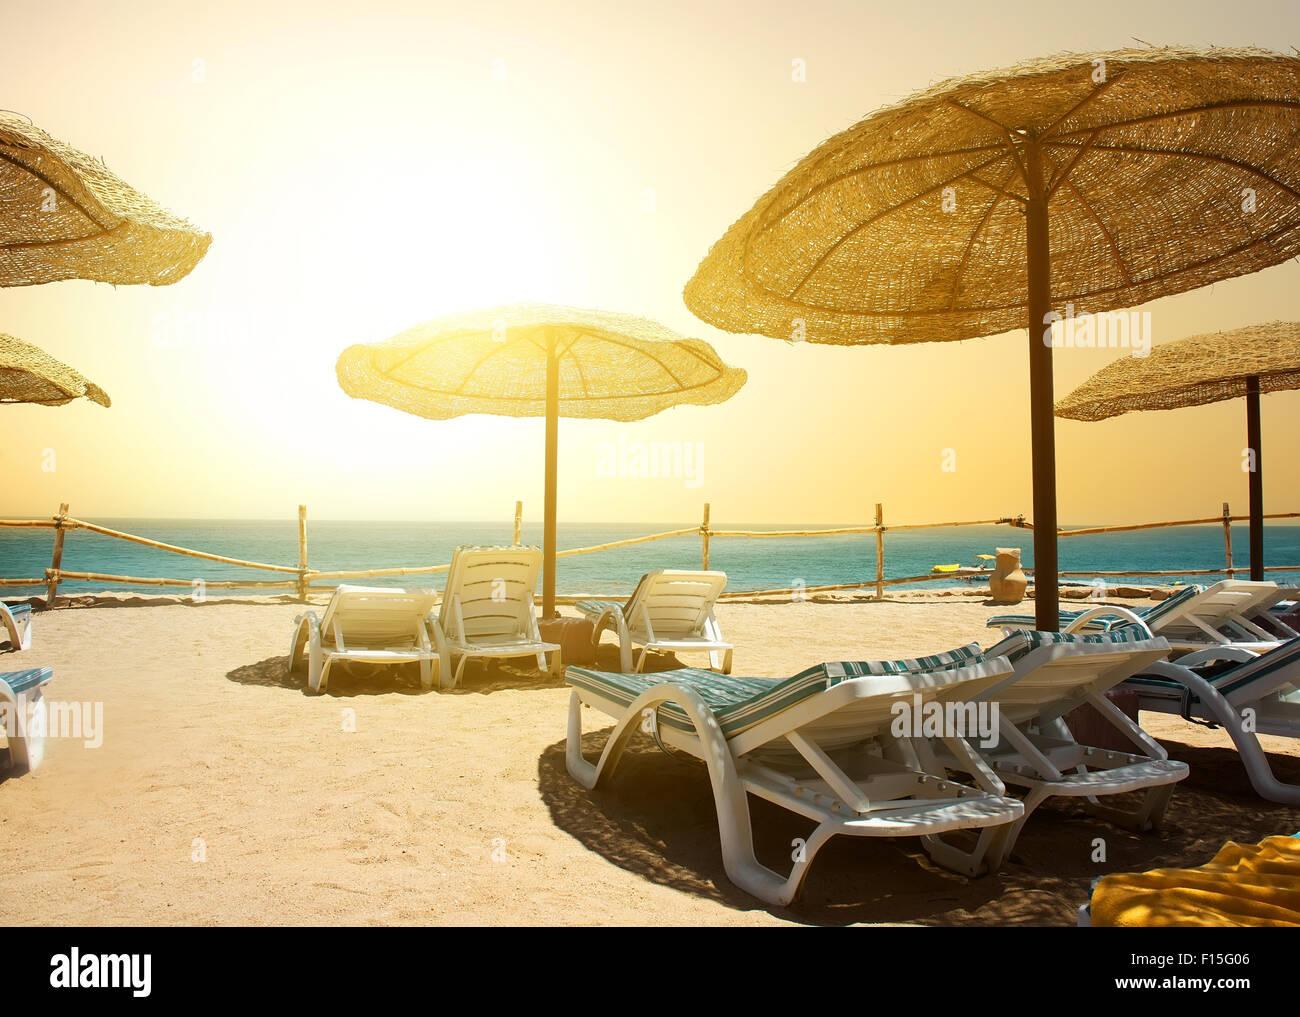 Spiaggia di sabbia vicino al mare rosso al tramonto Immagini Stock